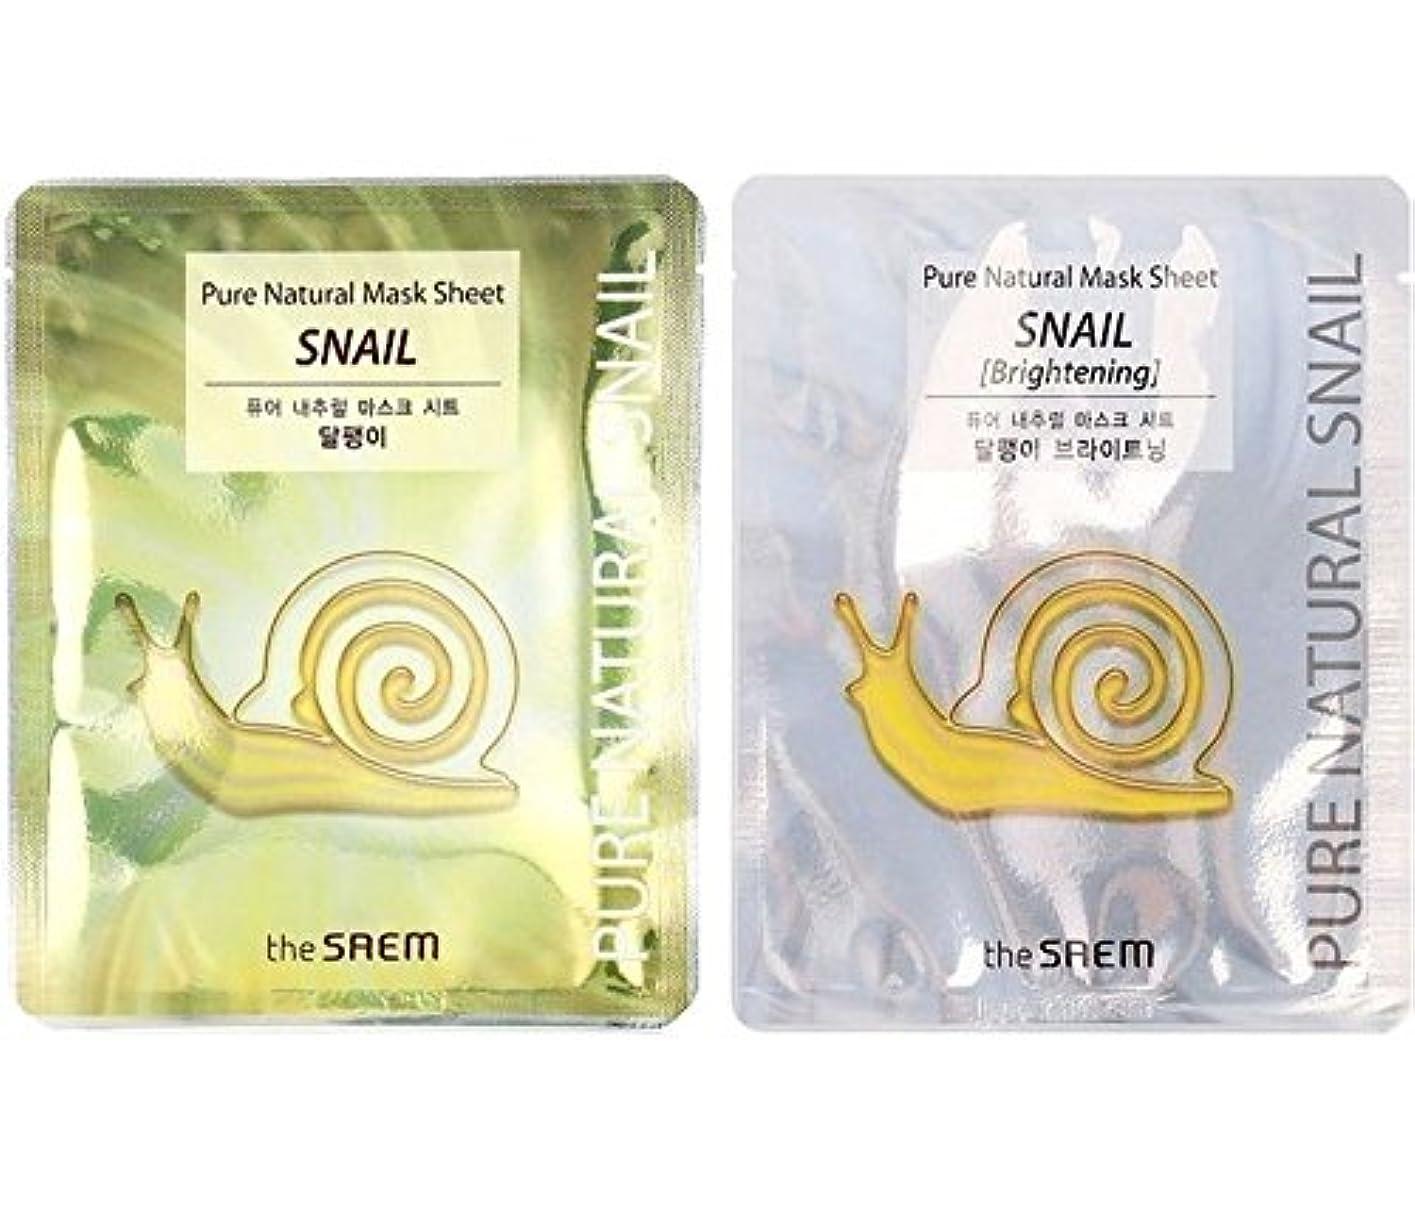 ここにテレマコスログ(ザセム) The Saem 韓国マスクパックカタツムリ20枚セット(10+10) ピュアナチュラルマスクシートスネイルブライトニング Pure Natural Mask Sheet Snail Brightening...